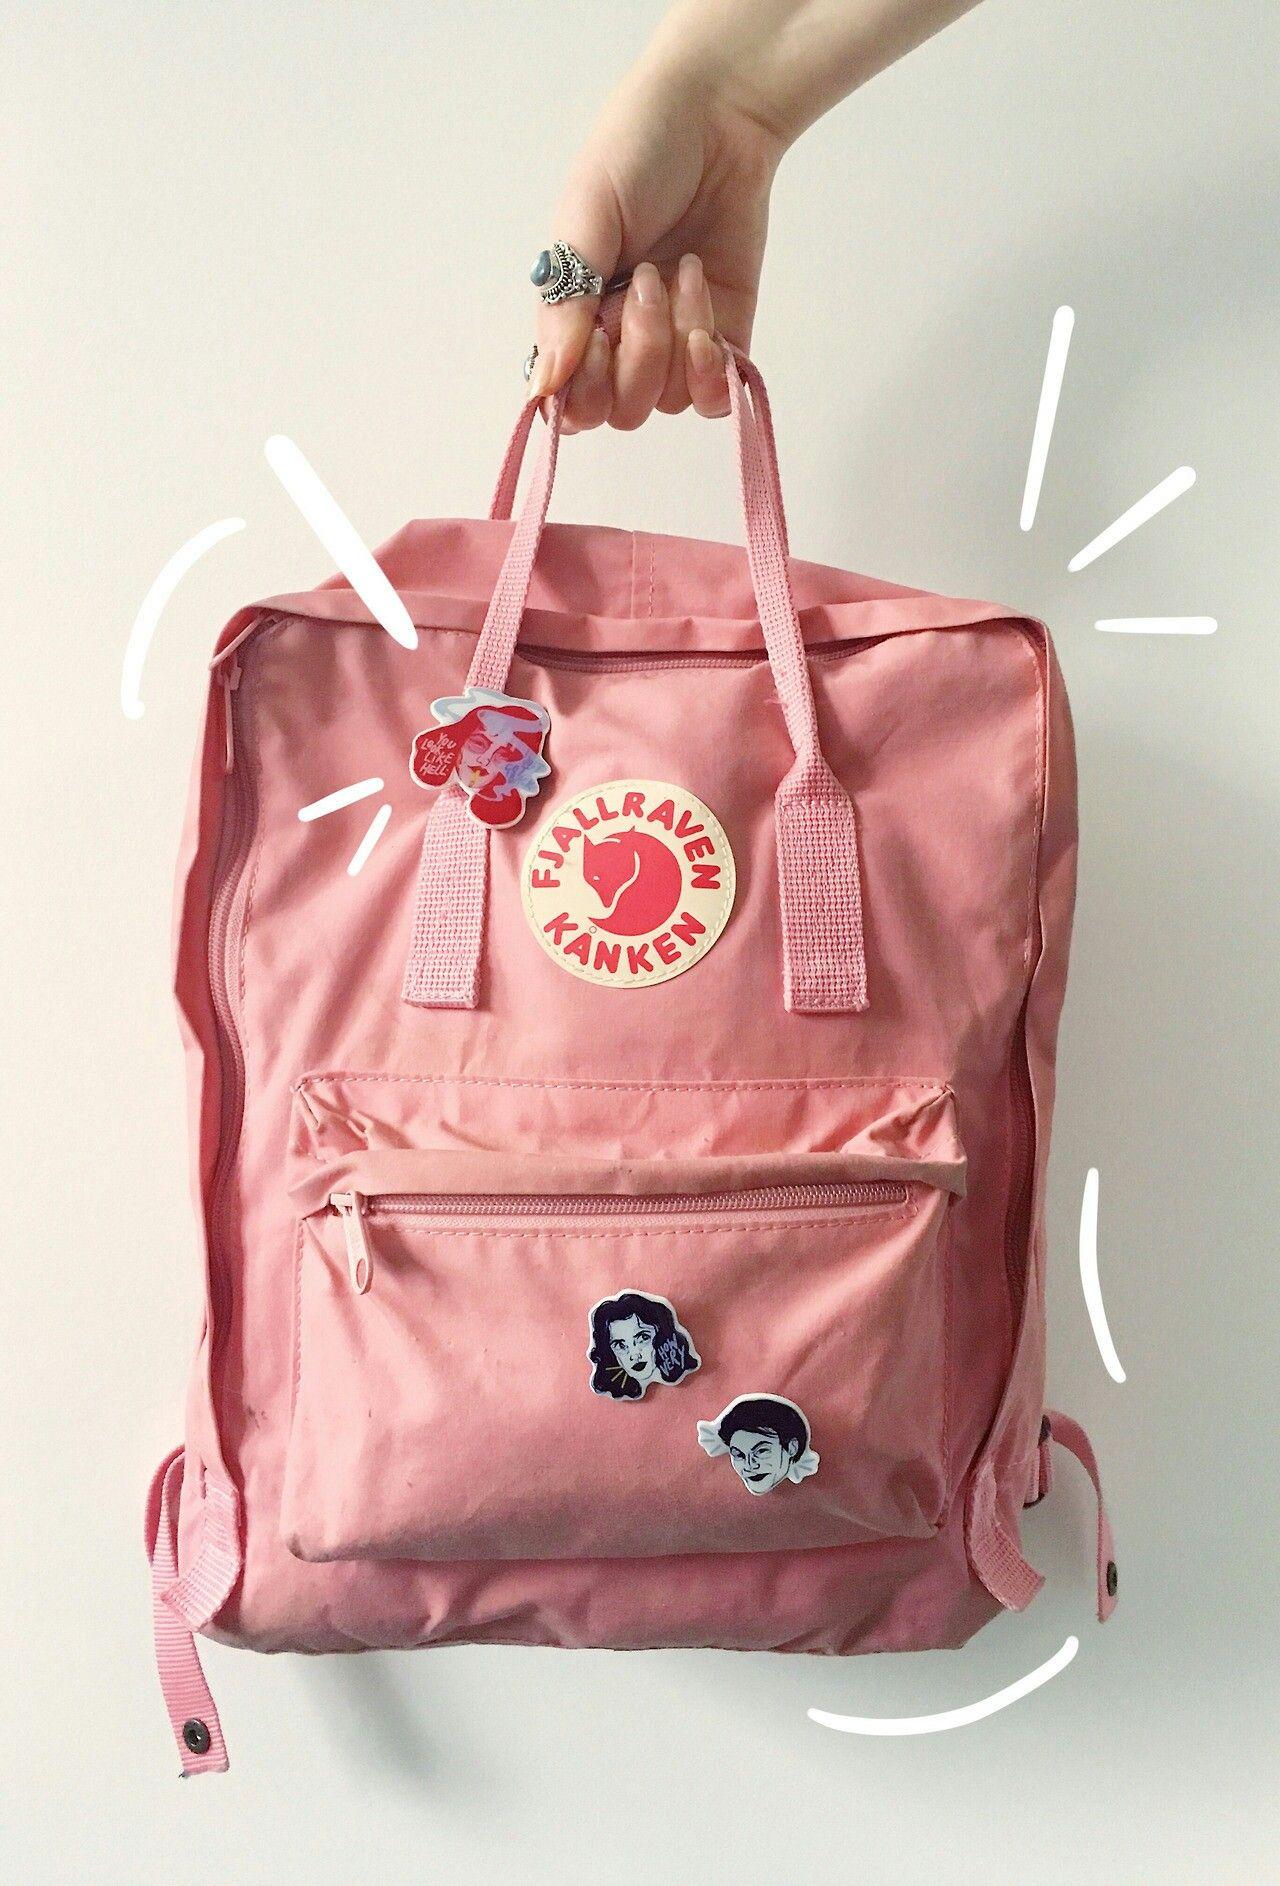 Trying To Make A Differnece Fjallraven Kanken Bags Kanken